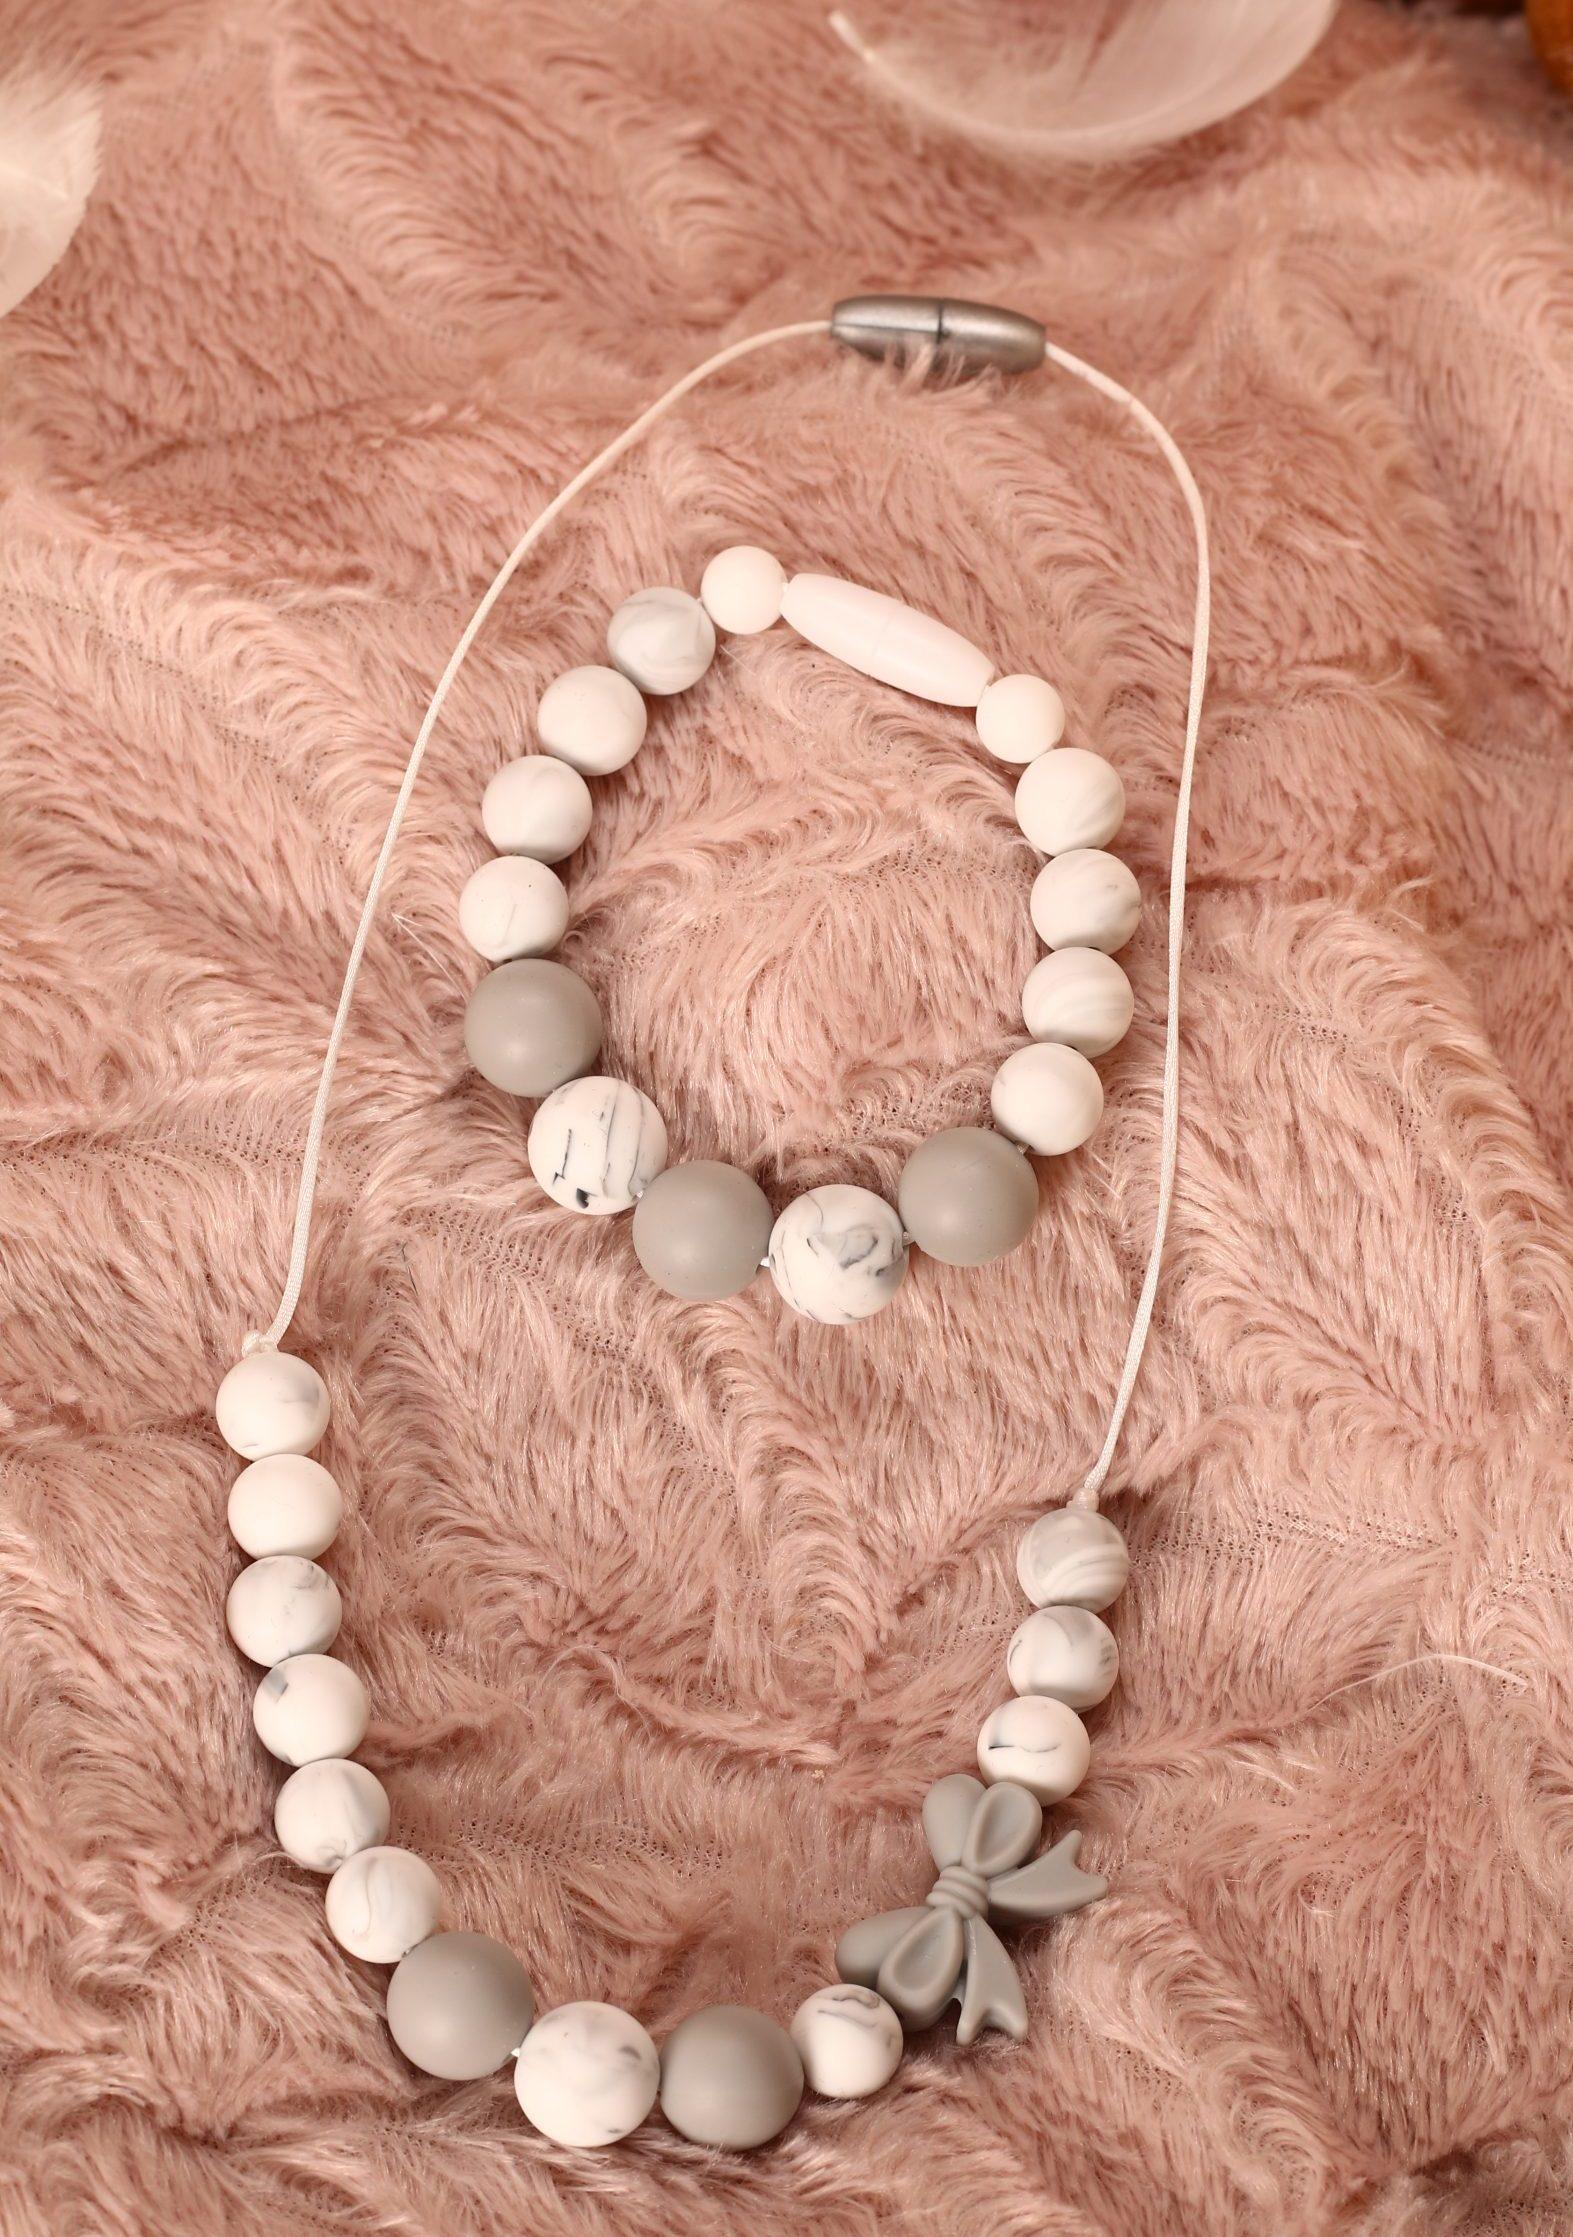 Collier et bracelet de portage et d'allaitement silicone fait main - Nœud et perles blanches et grises. Calino Crea